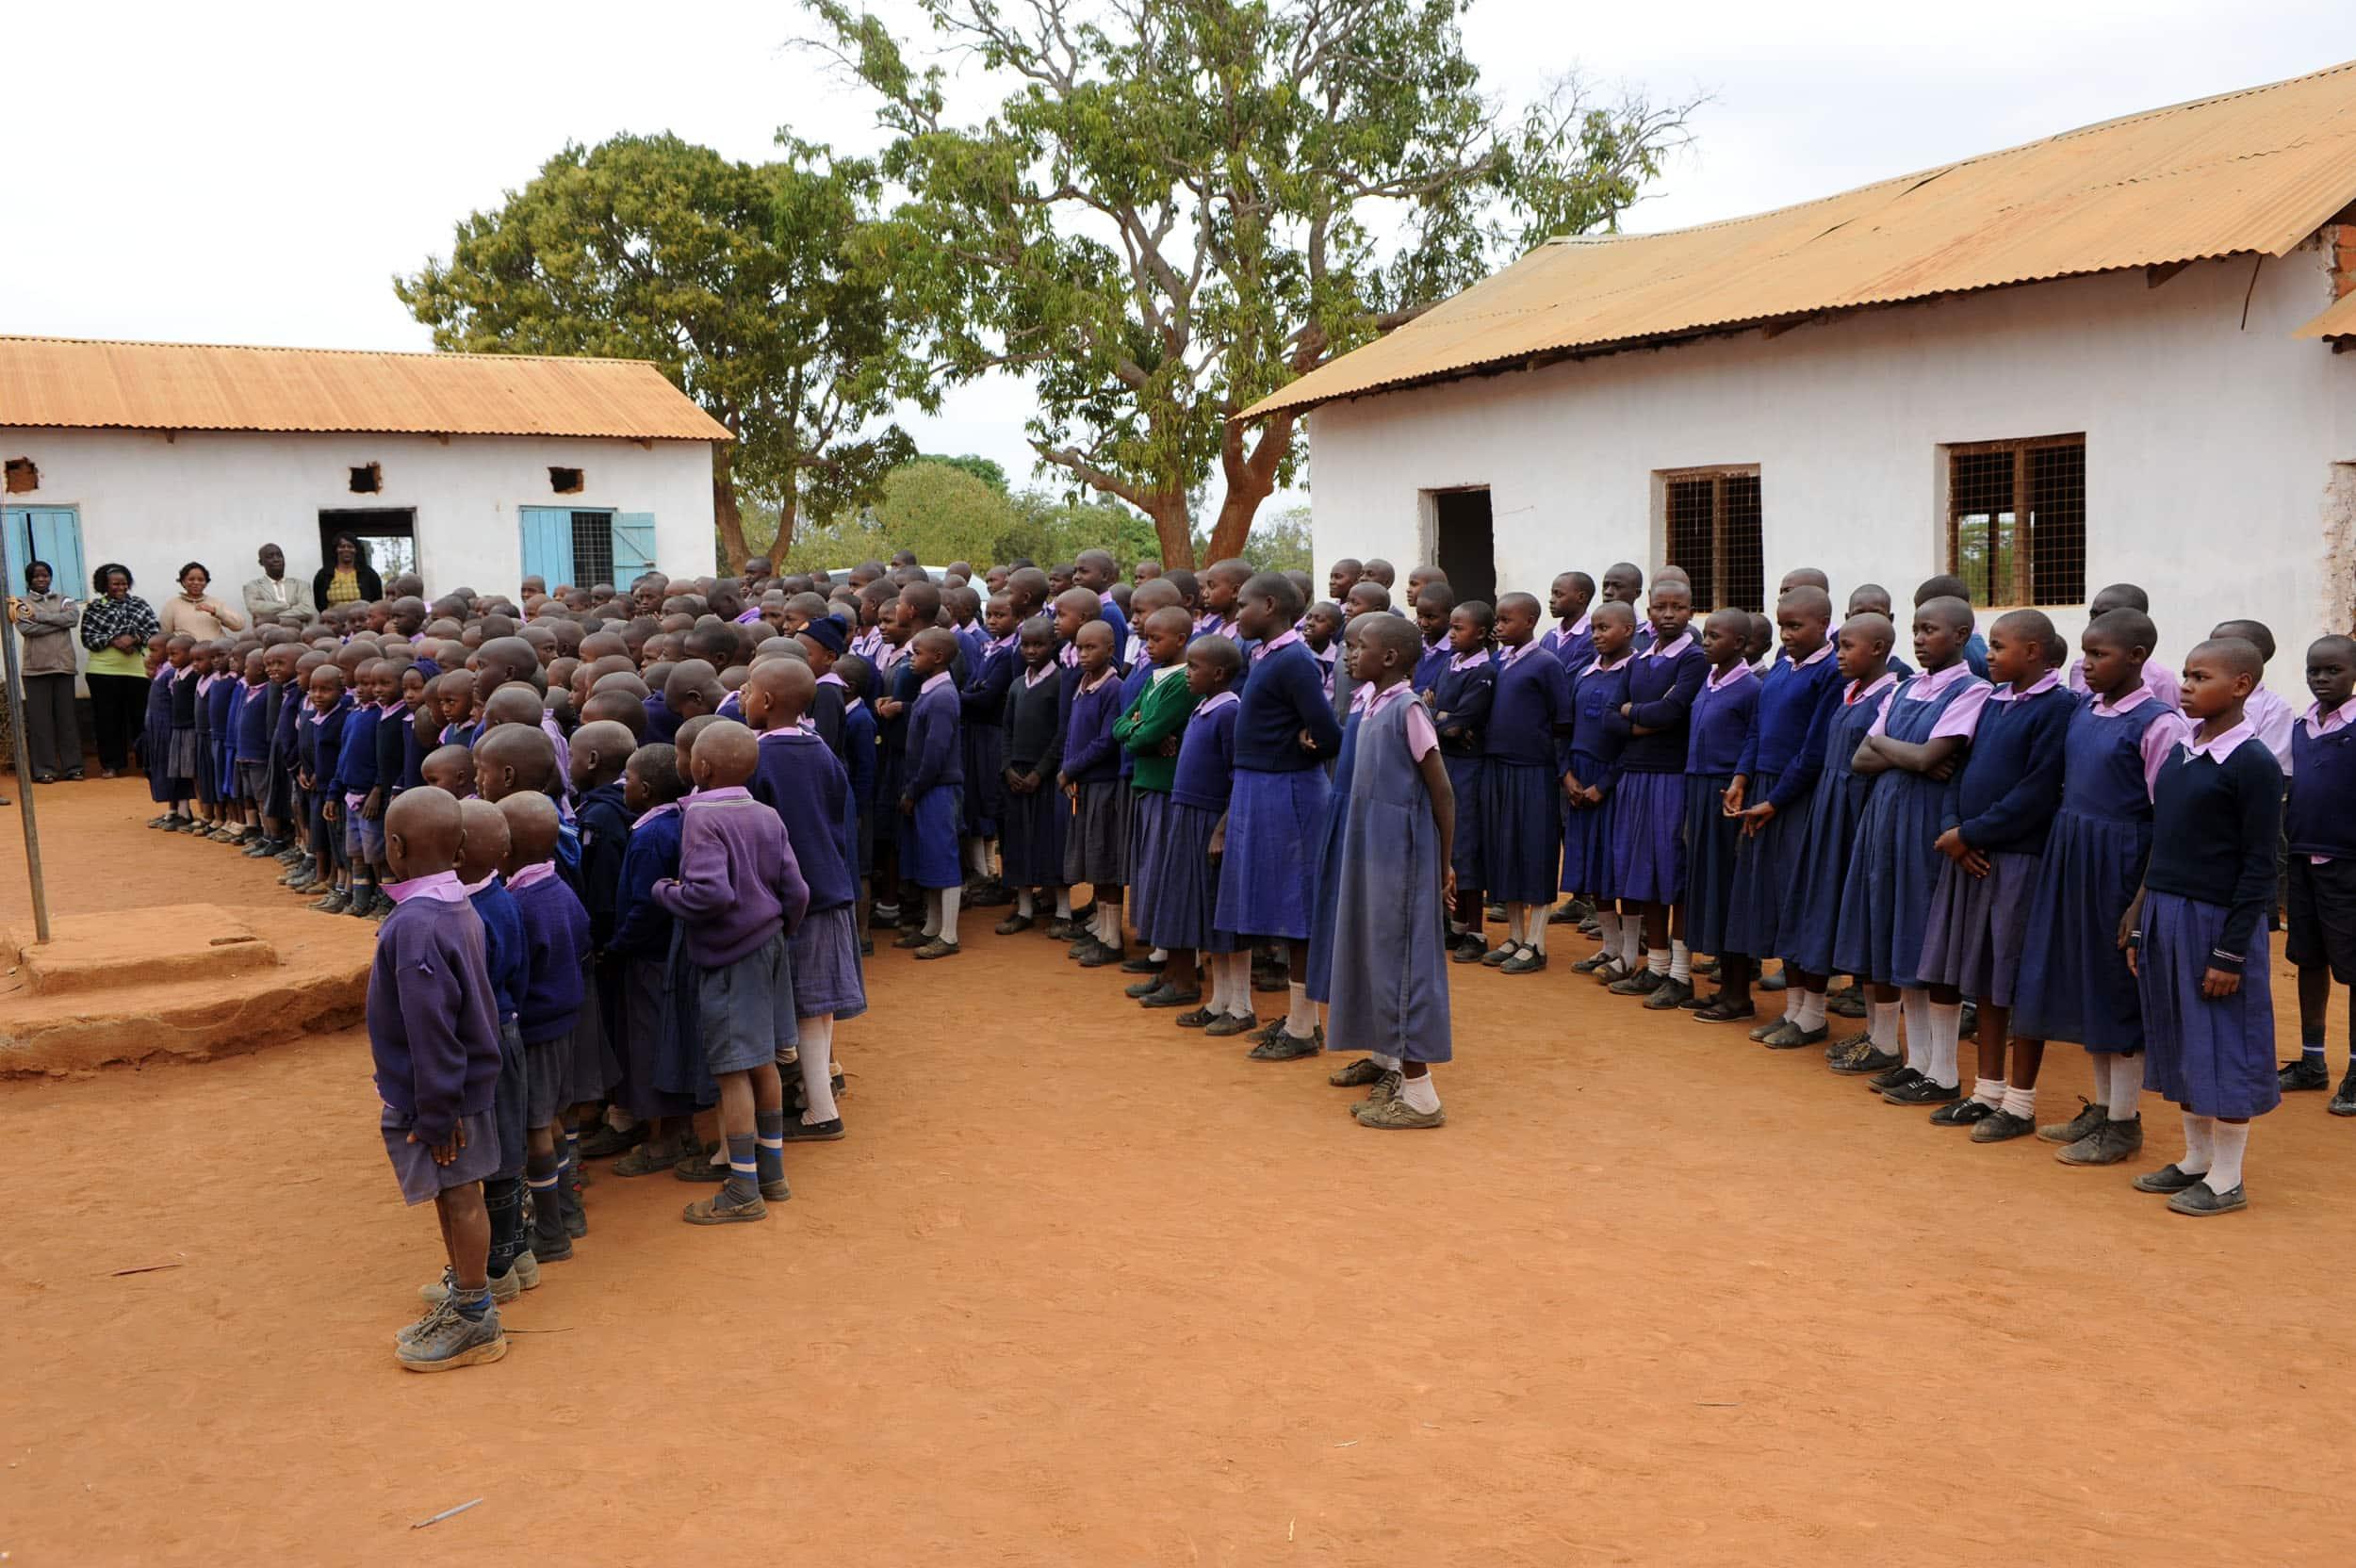 Puesta en marcha de una escuela y dotación de una biblioteca en Pere Atche